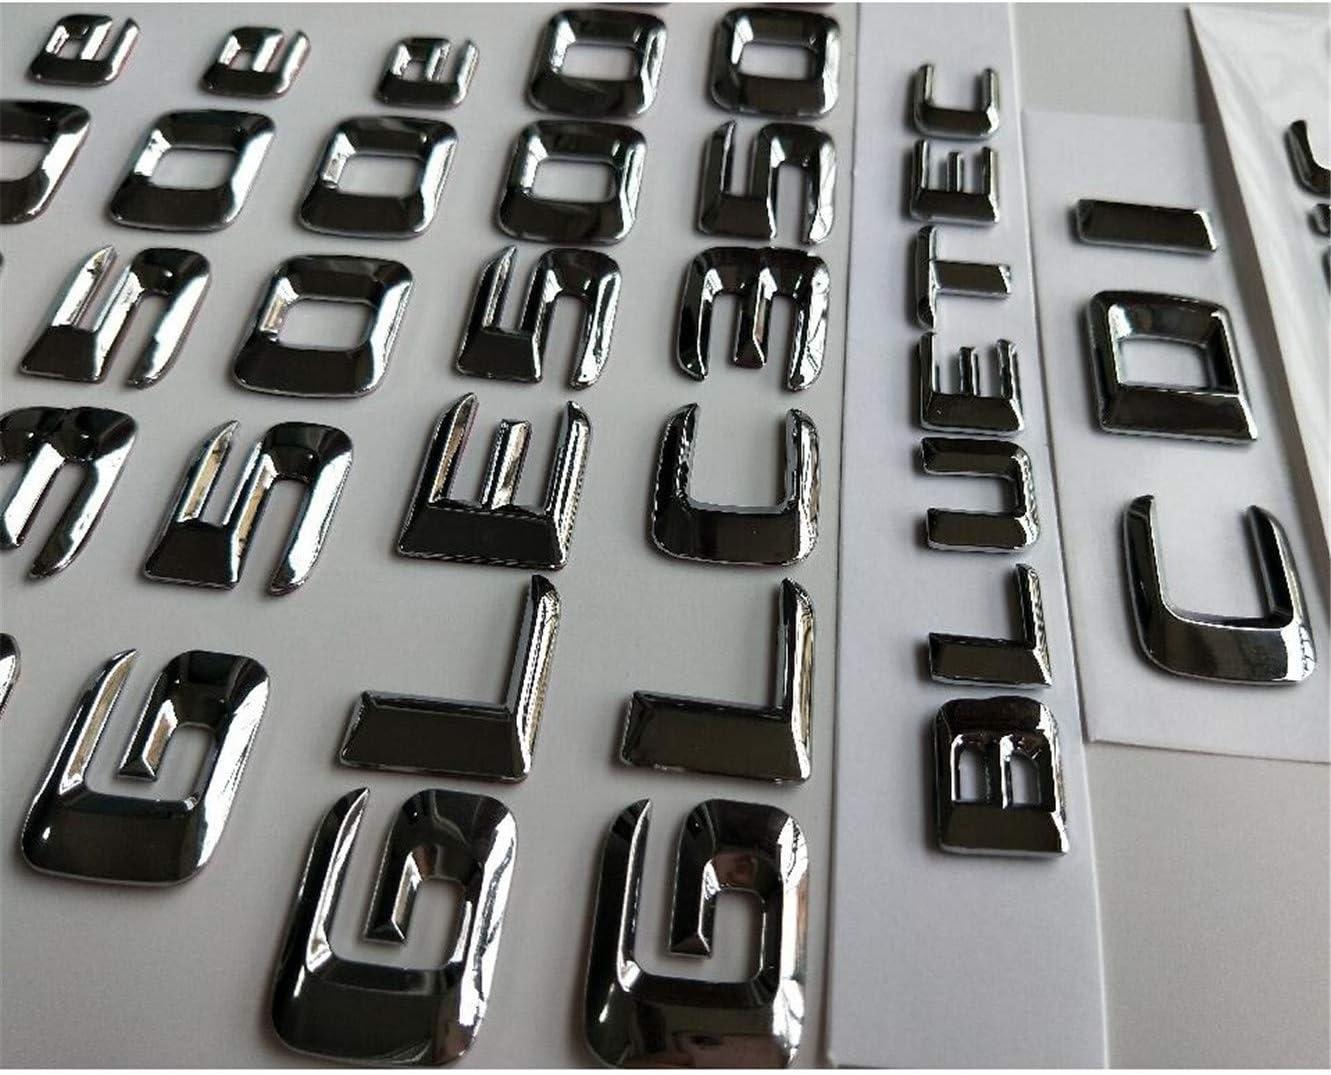 4MATIC Chrome Letters Emblems Badges GLA220d GLC220d GLC250d GLE350d GLE250d GLS350d 4MATIC CDI CGI HYBRID BLUETEC